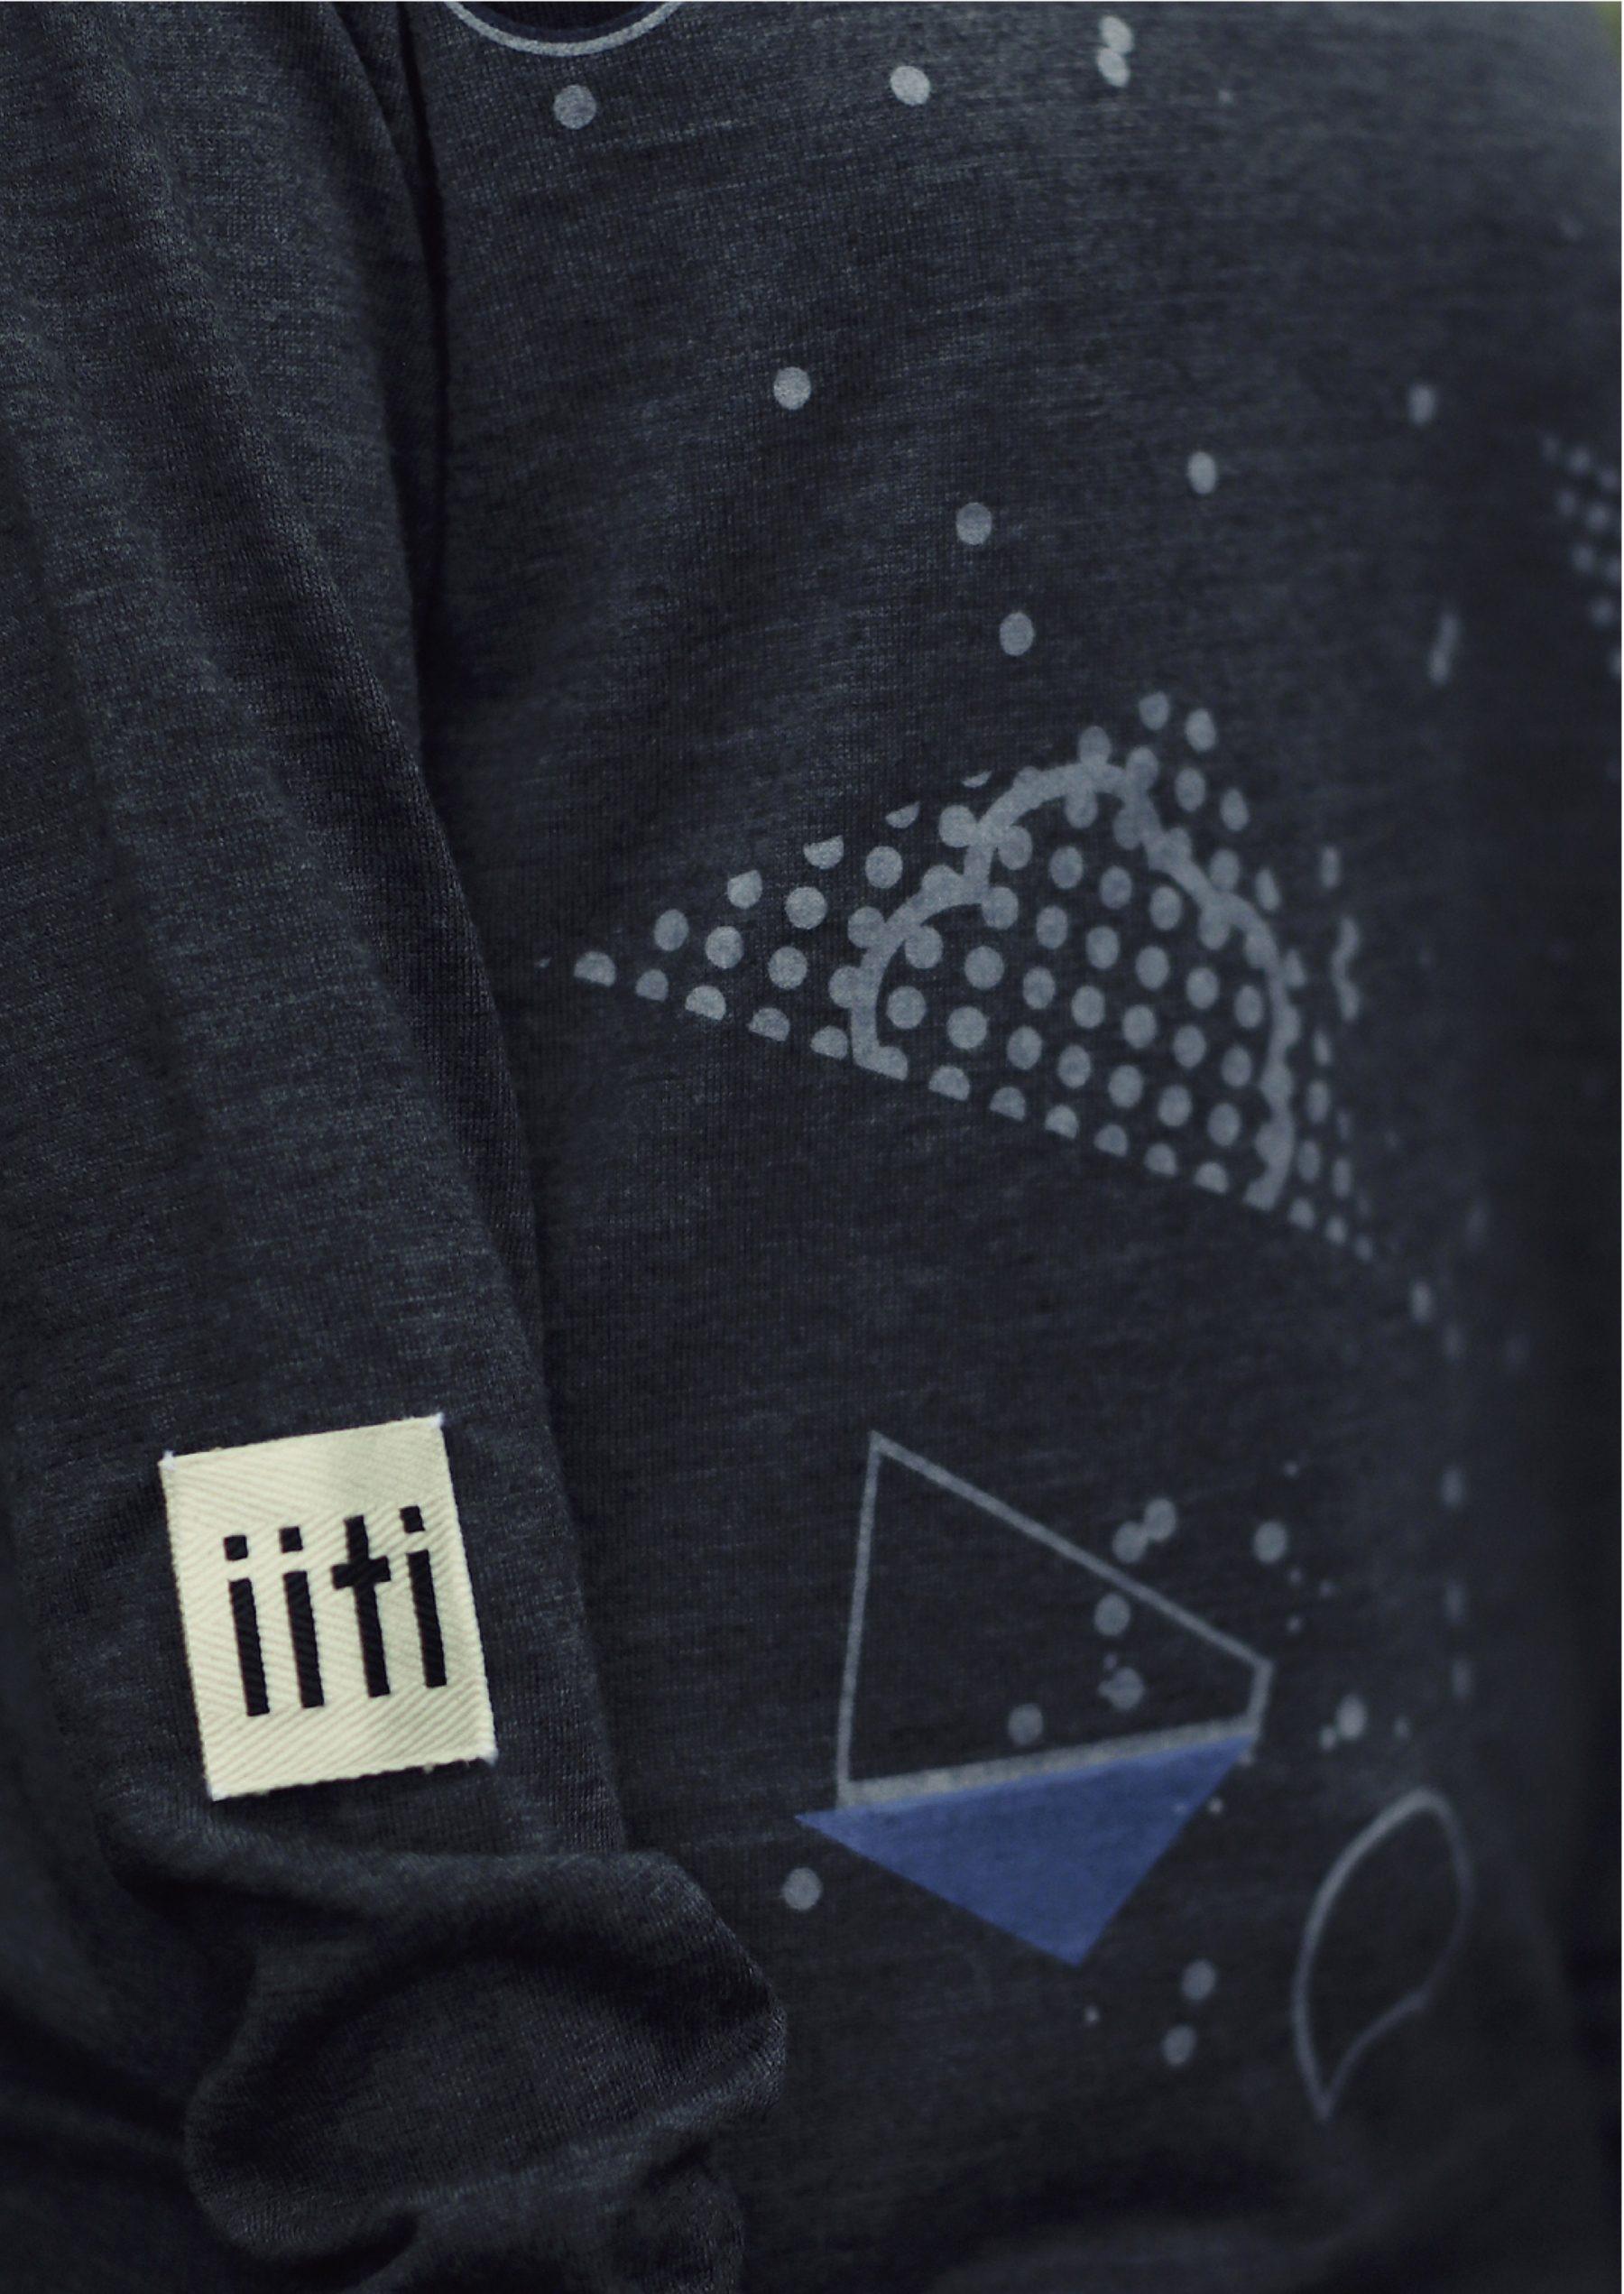 spoken words project「iiti」